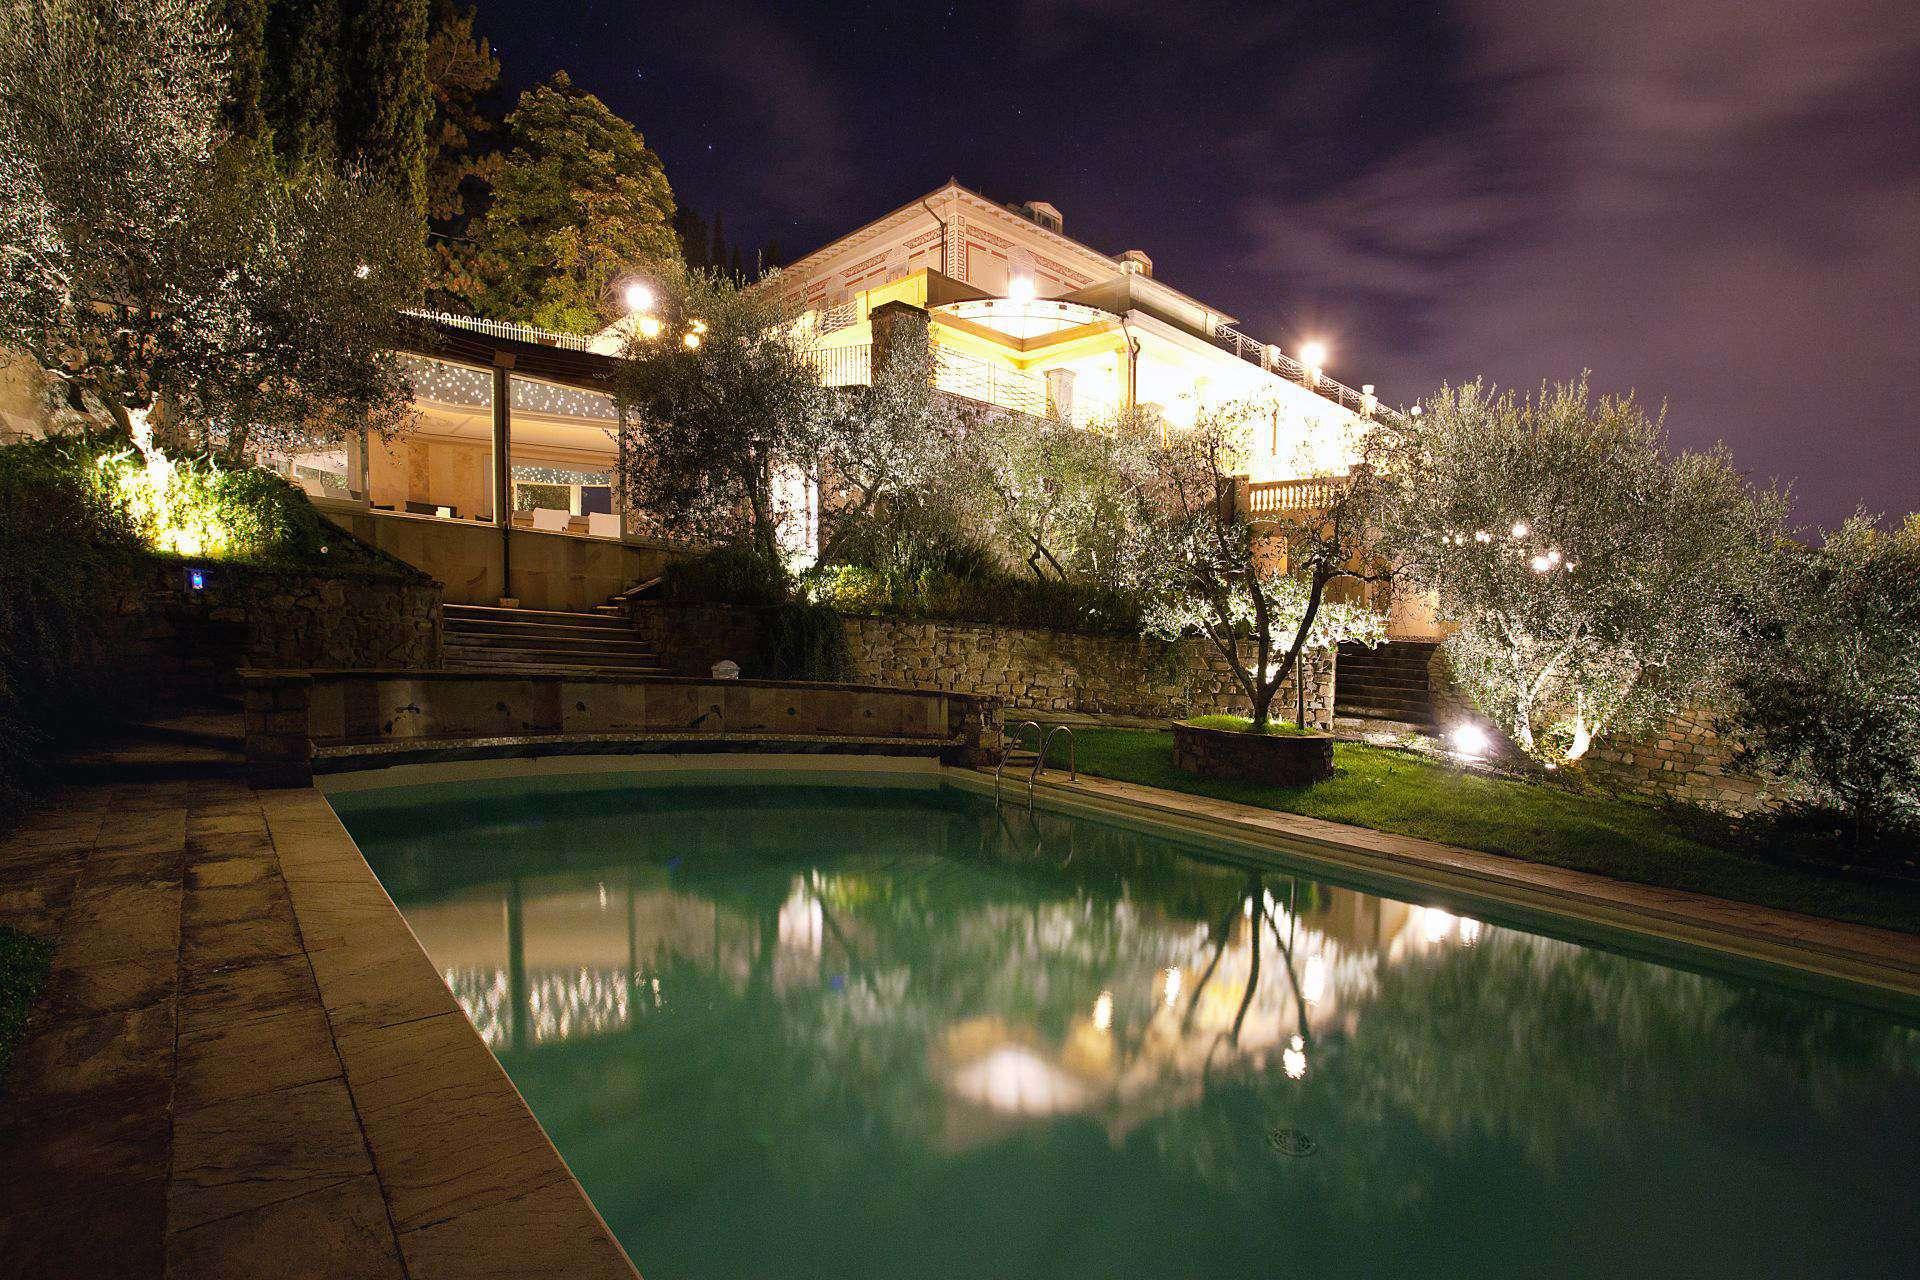 Centro Benessere in Toscana : Hotel Benessere e Spa nel ...